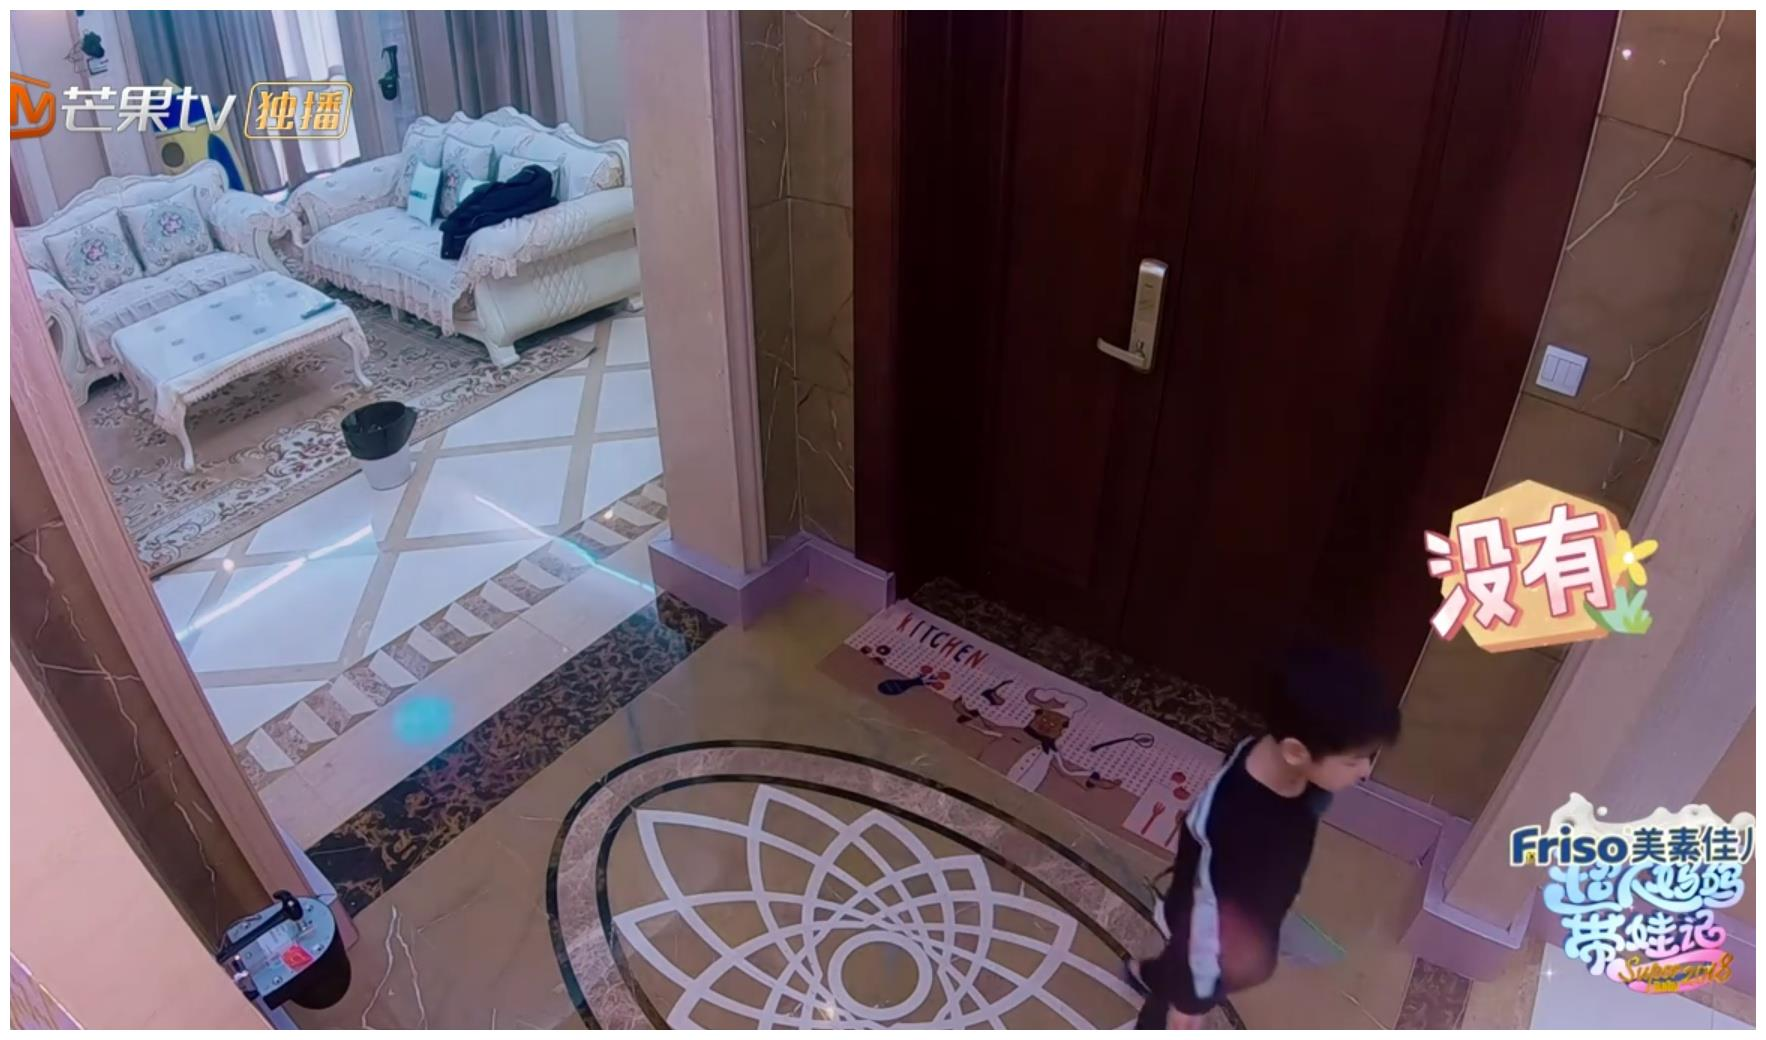 高级按摩椅又在黄圣依家出现了,还有安迪的衣服多的标牌还带着!